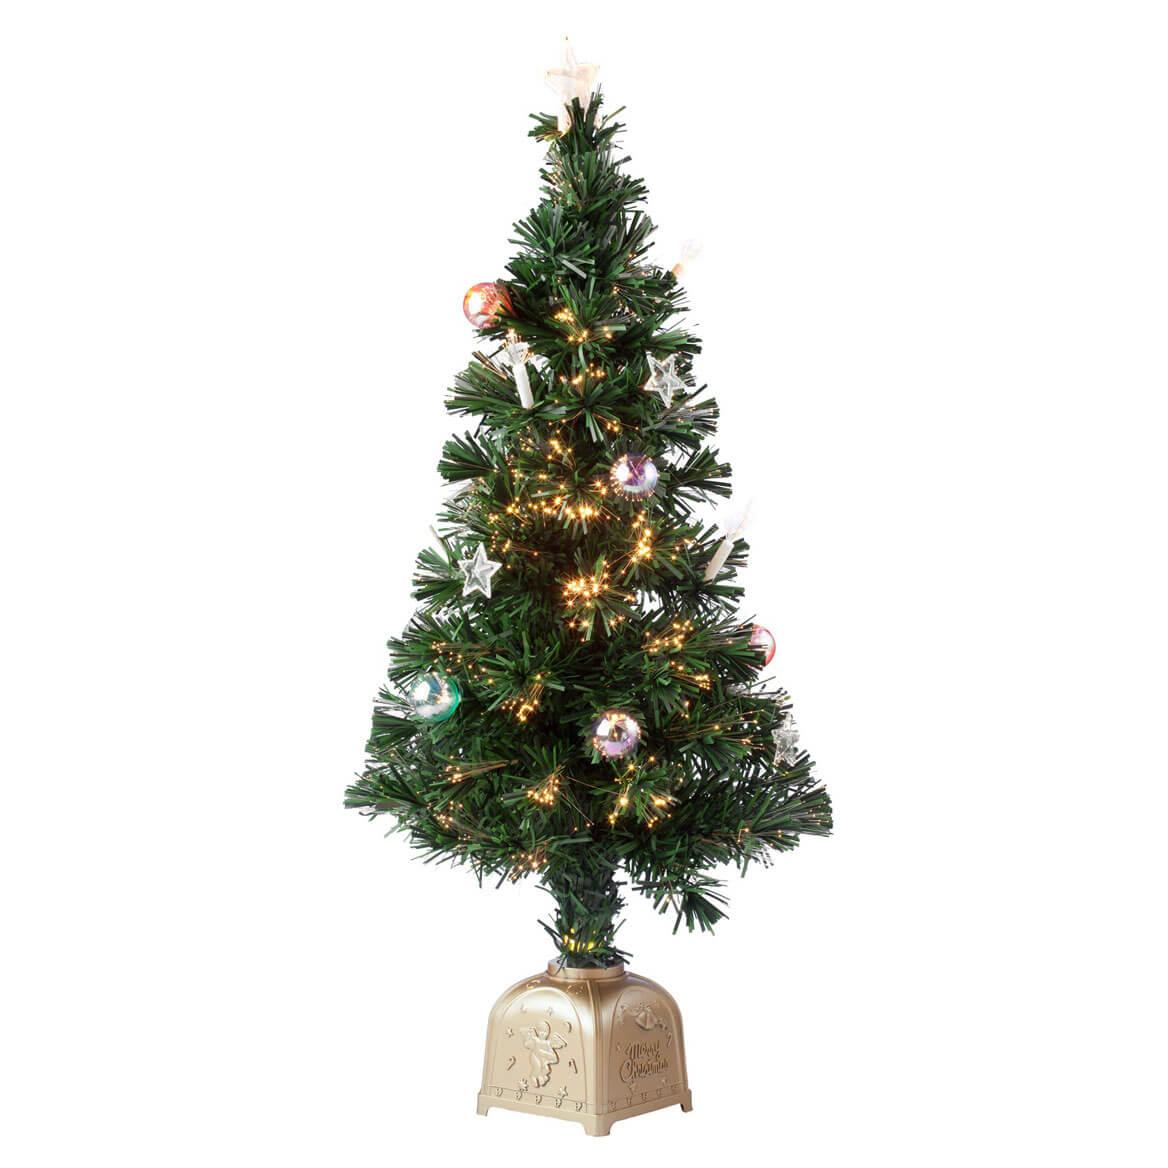 Fiber Optic Spinning Musical Christmas Tree - Miles Kimball